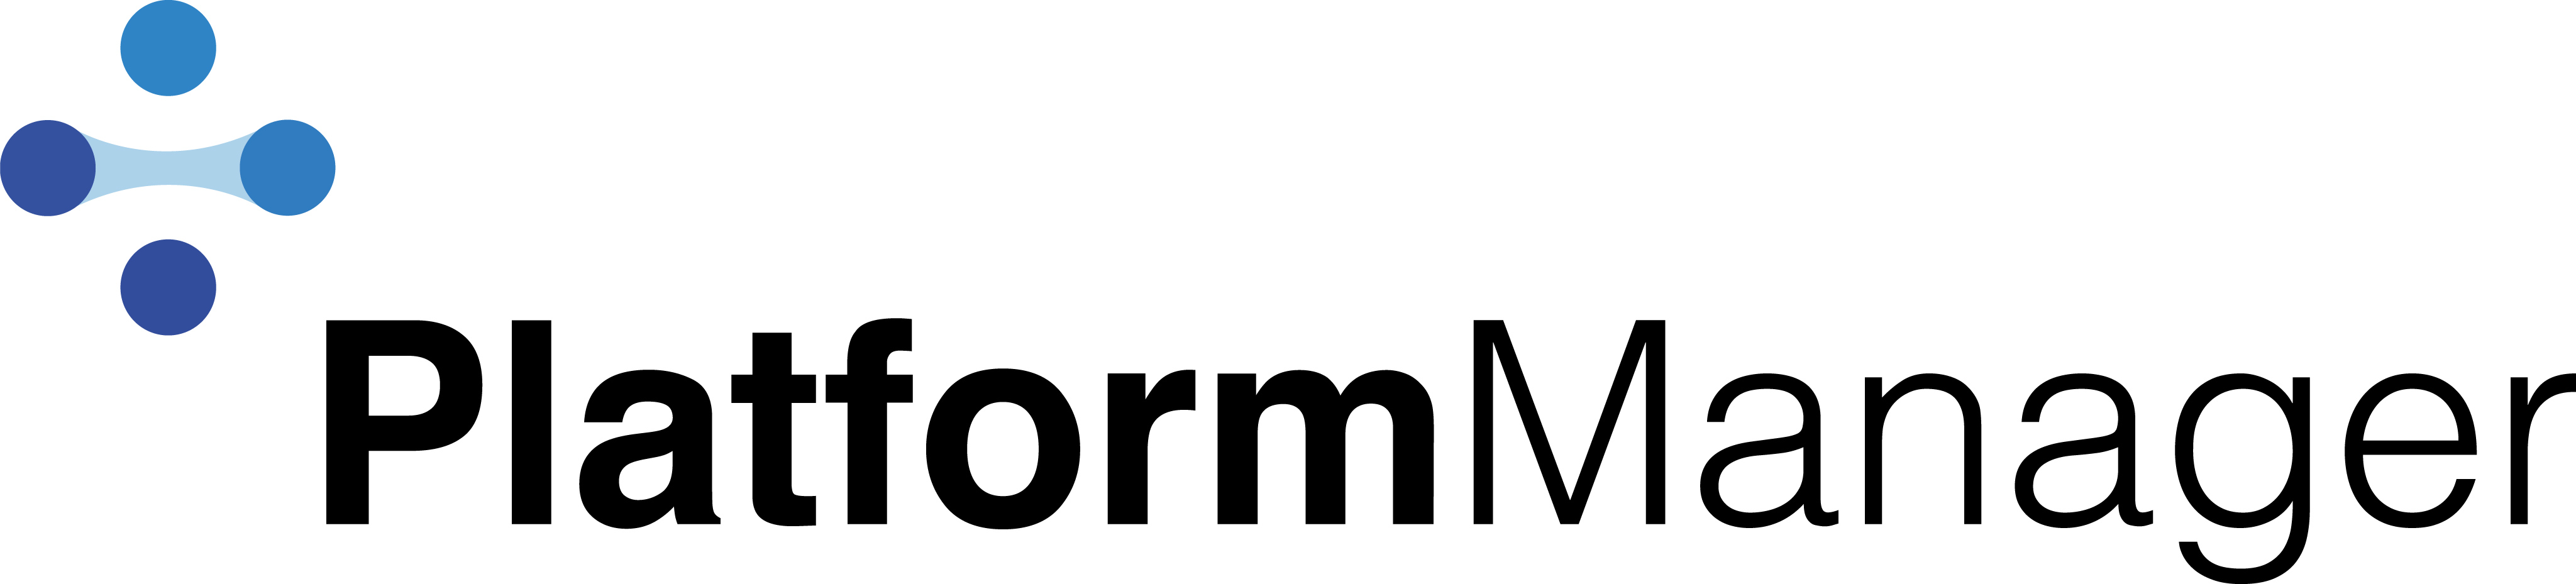 platformmanager-logo-color